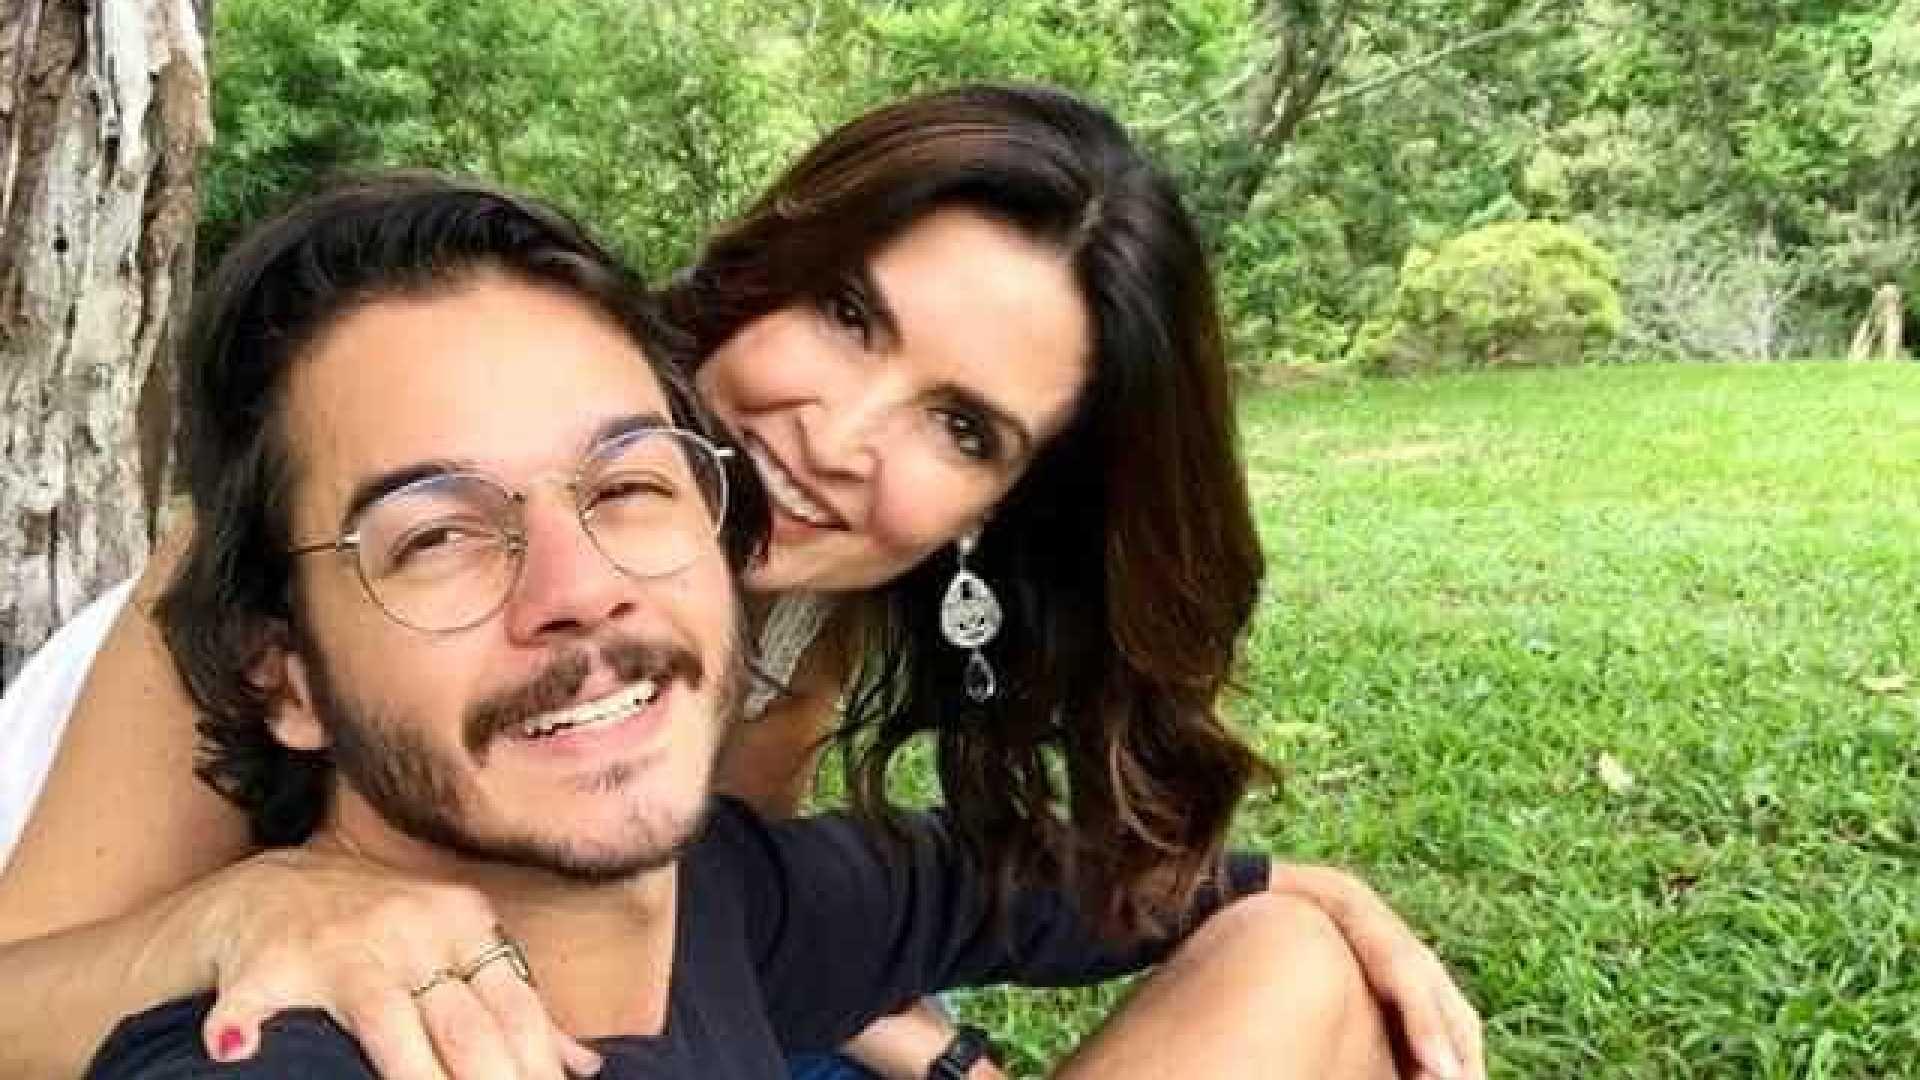 naom 5a4ba990a9889 - Fátima Bernardes fala sobre novo casamento de William Bonner